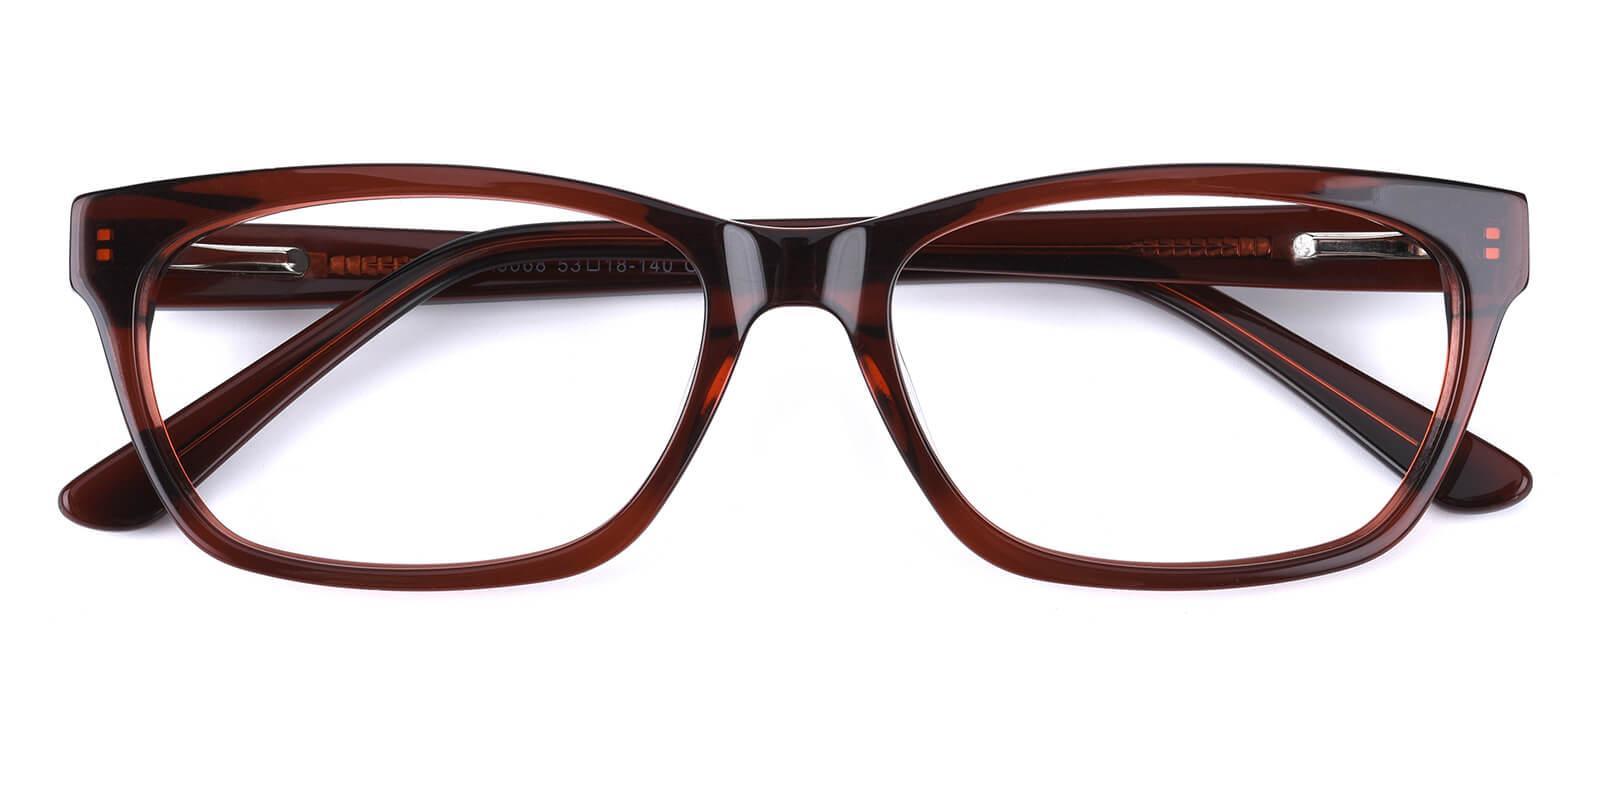 Mizura-Brown-Cat-Acetate-Eyeglasses-detail